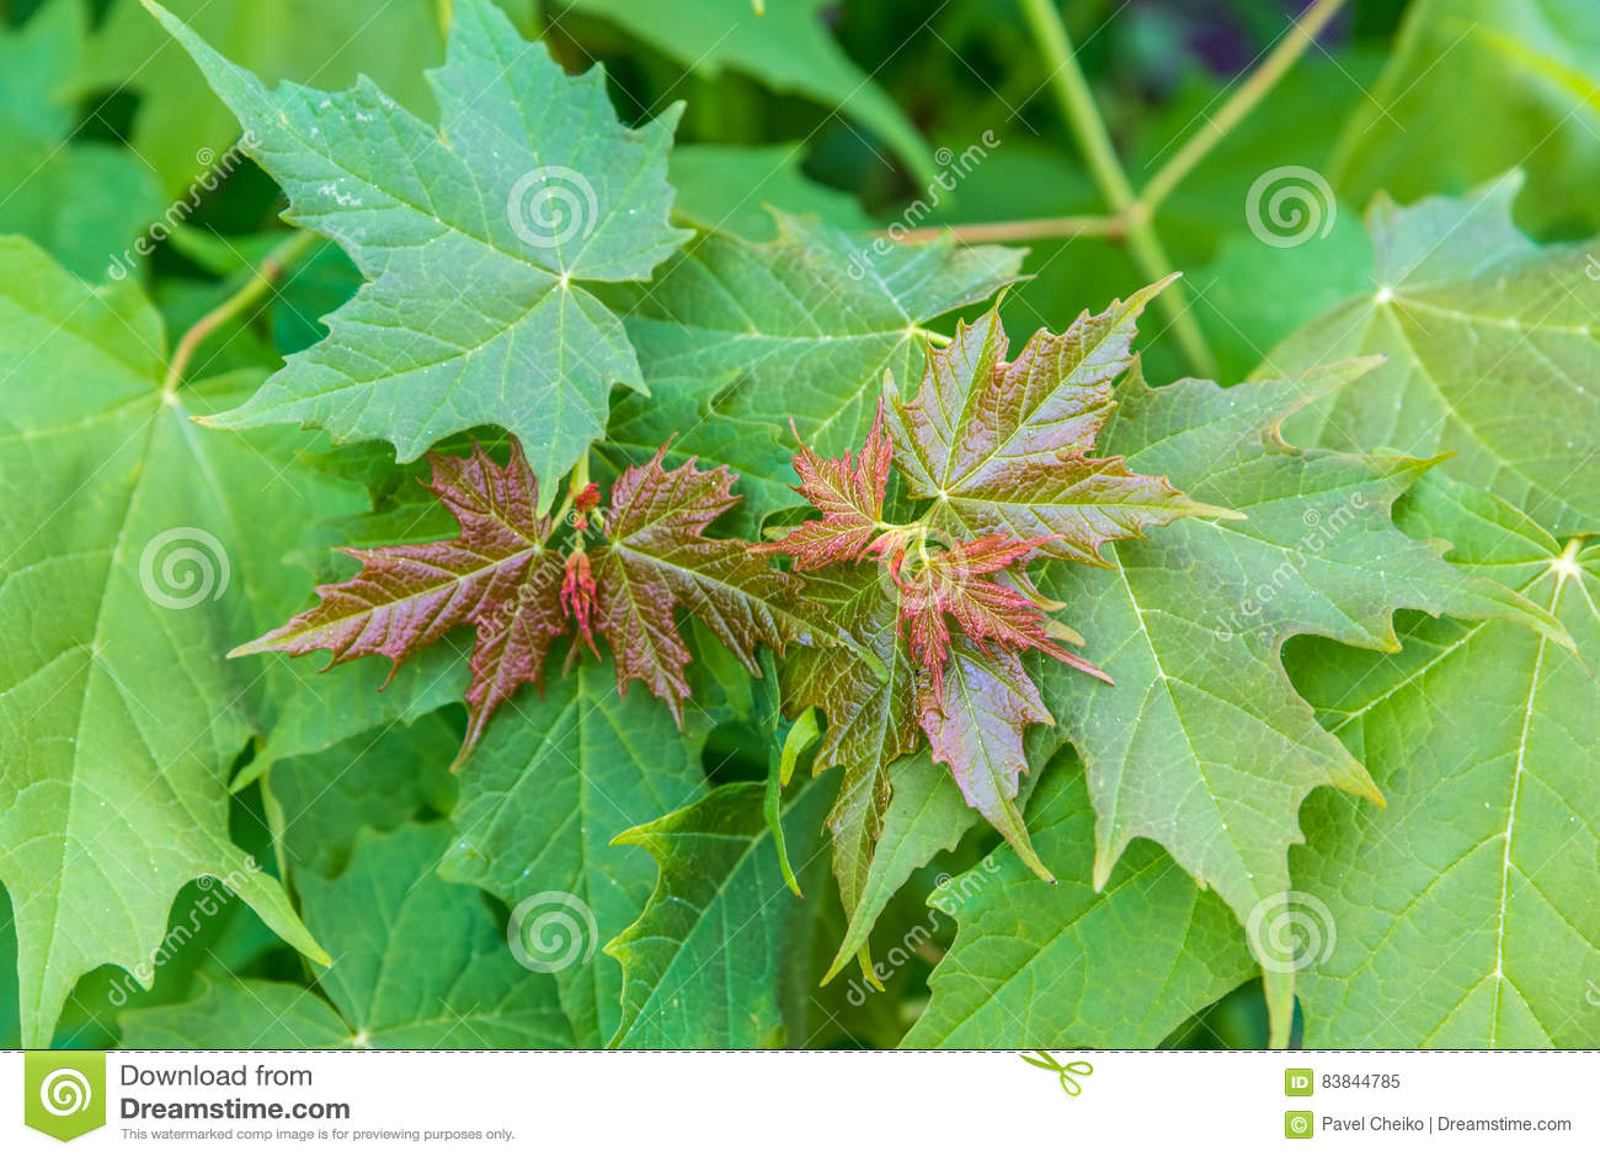 Grüne Ahornblätter